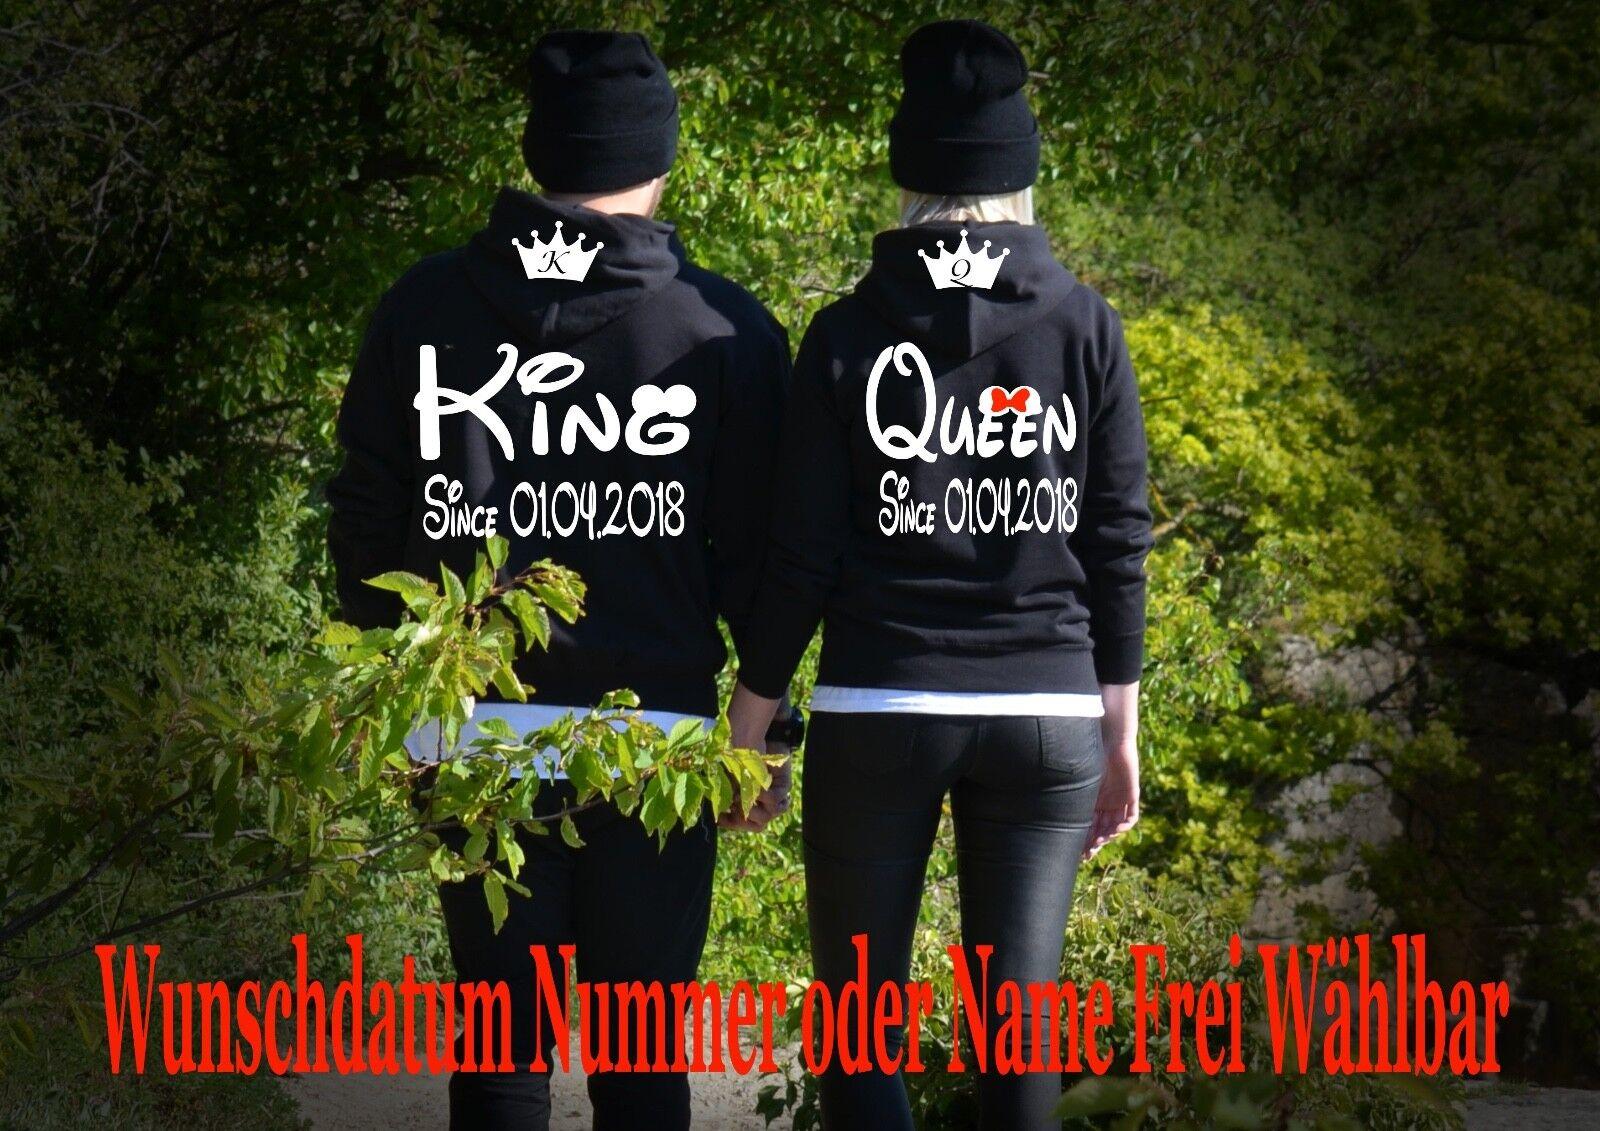 Hoodie Pullover Pullover Pullover King Queen Motiv Partner Look Pärchen 2Stk XS - 5XL Unicorn Love | Um Eine Hohe Bewunderung Gewinnen Und Ist Weit Verbreitet Trusted In-und   | Lebhaft und liebenswert  | Feinbearbeitung  5229f9